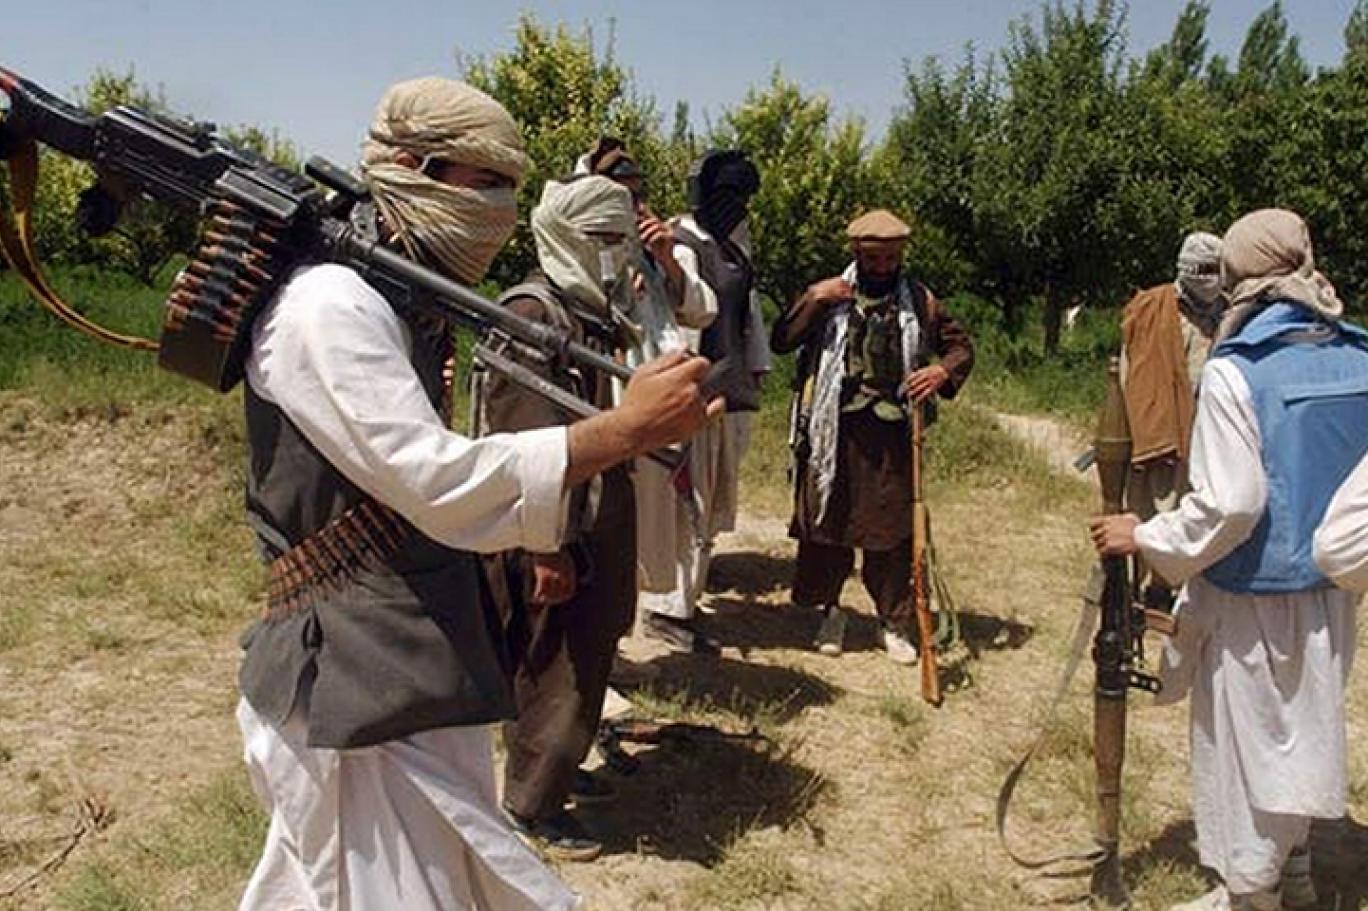 پاکستانی طالبان کی واپسی کسی خفیہ ڈیل کا نیتجہ؟